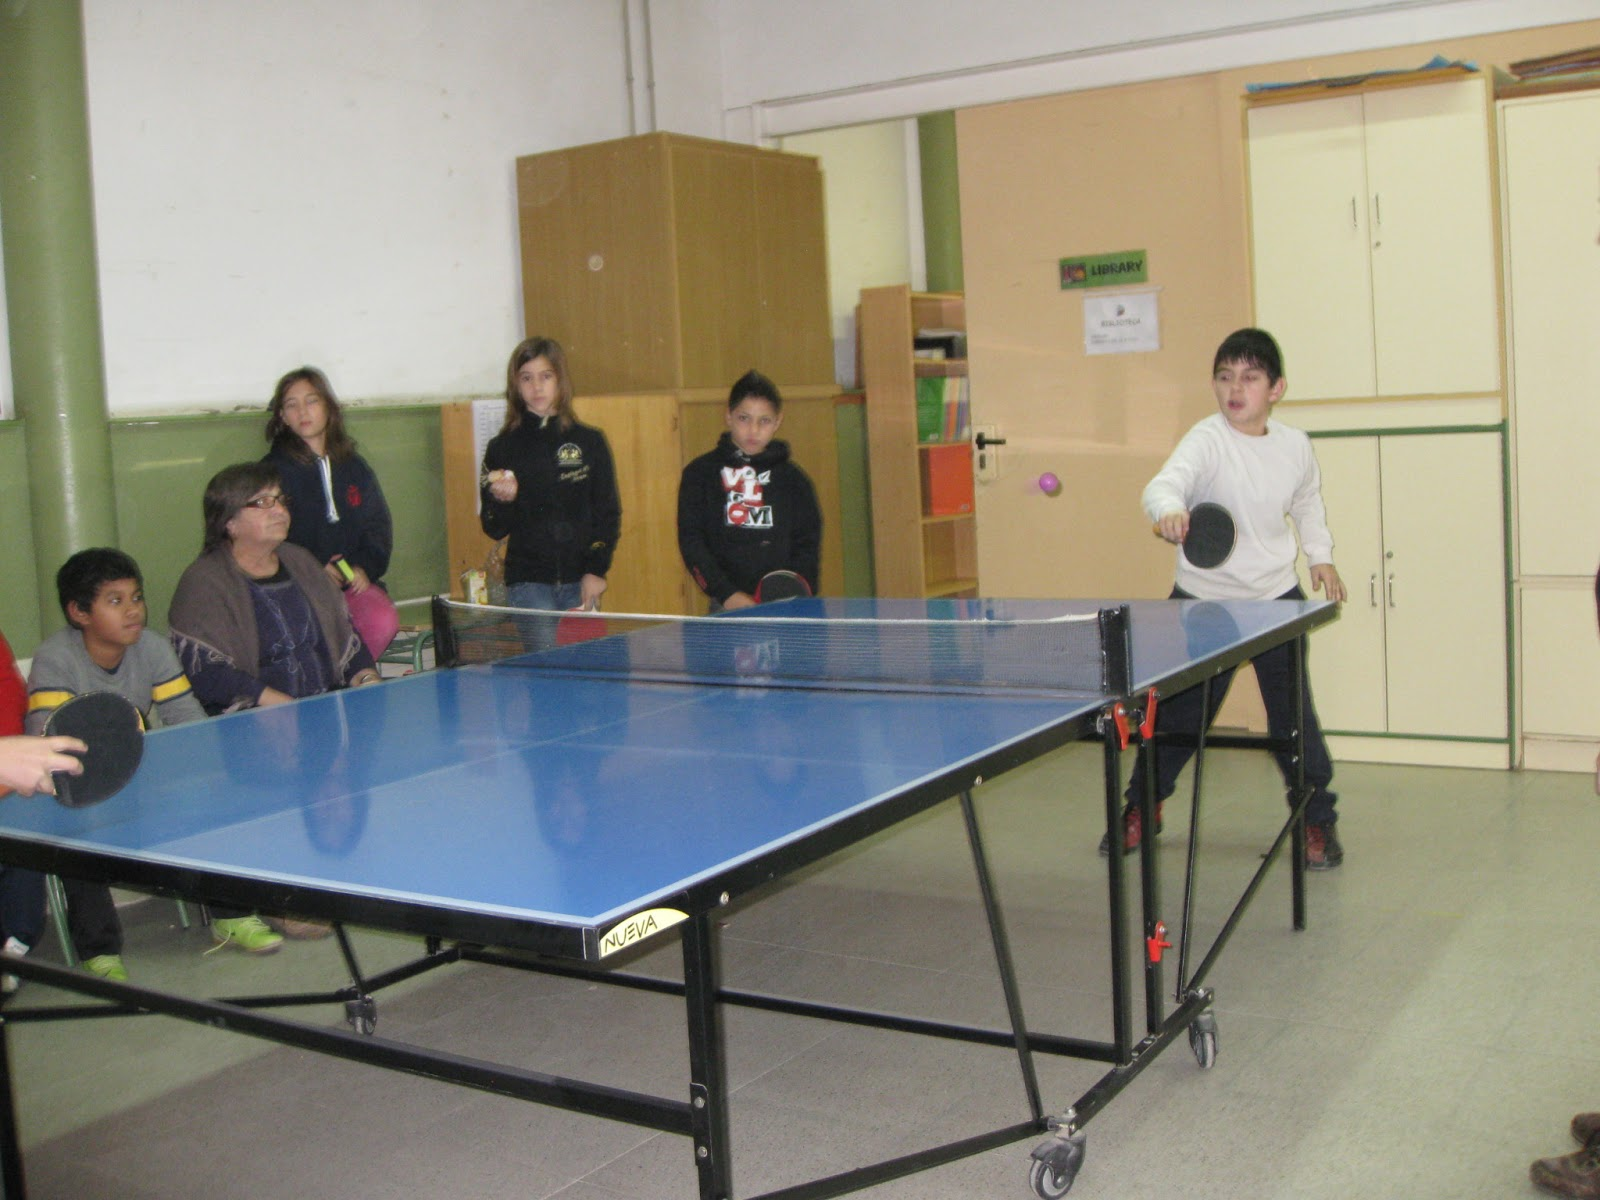 escola l esqueix torneig de ping pong